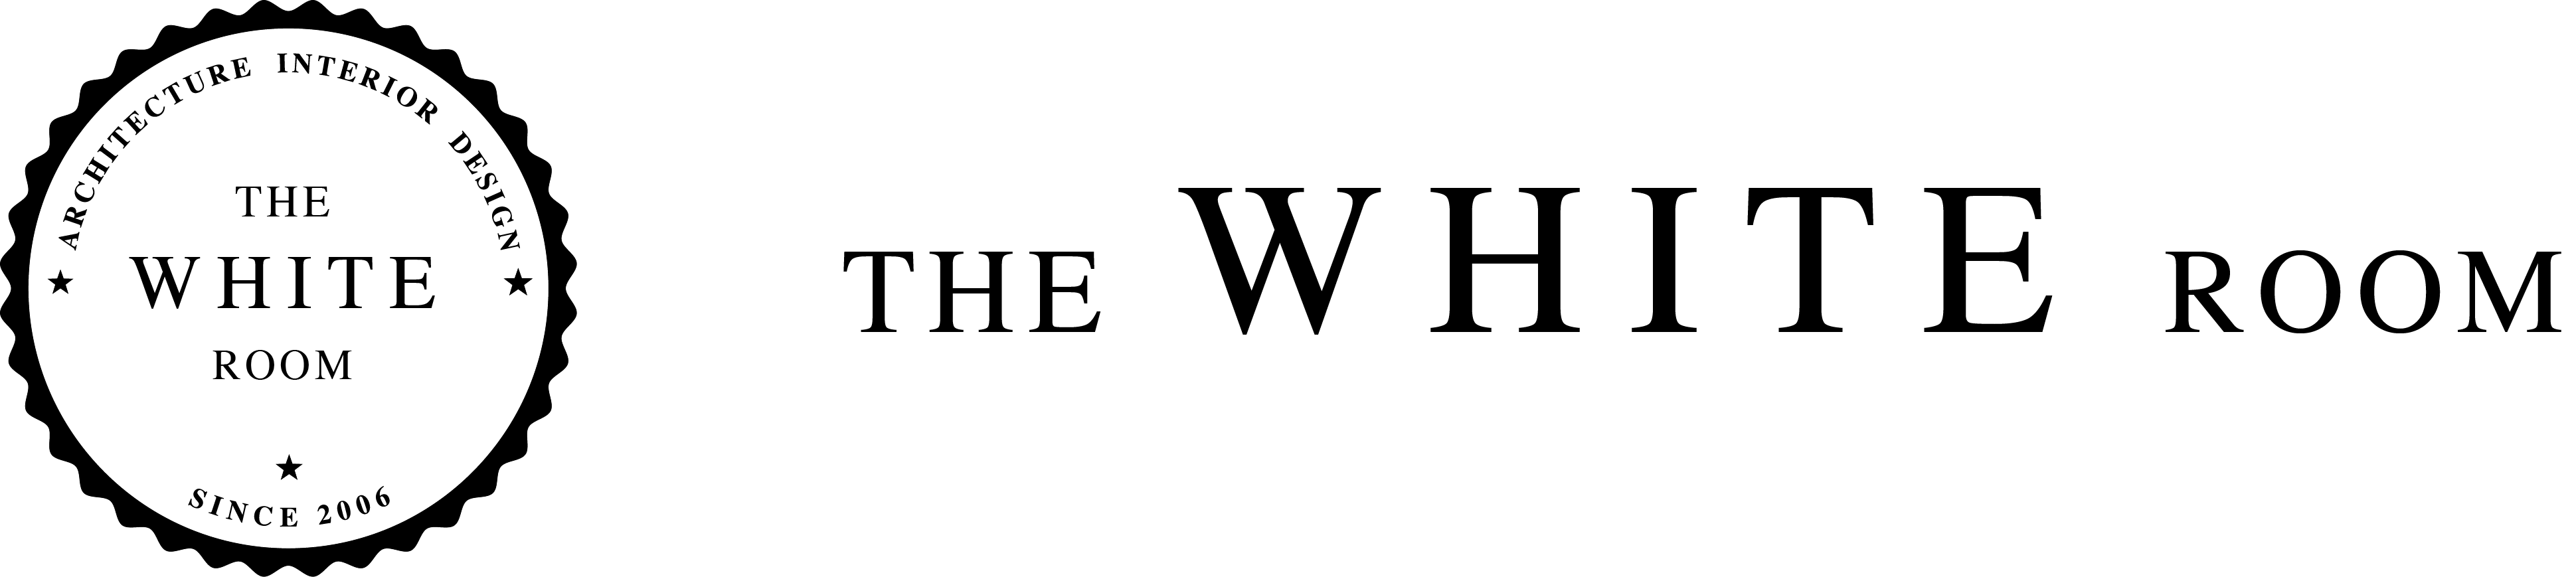 Final-Logo-TWR-Rectangle-Black-transparent.png